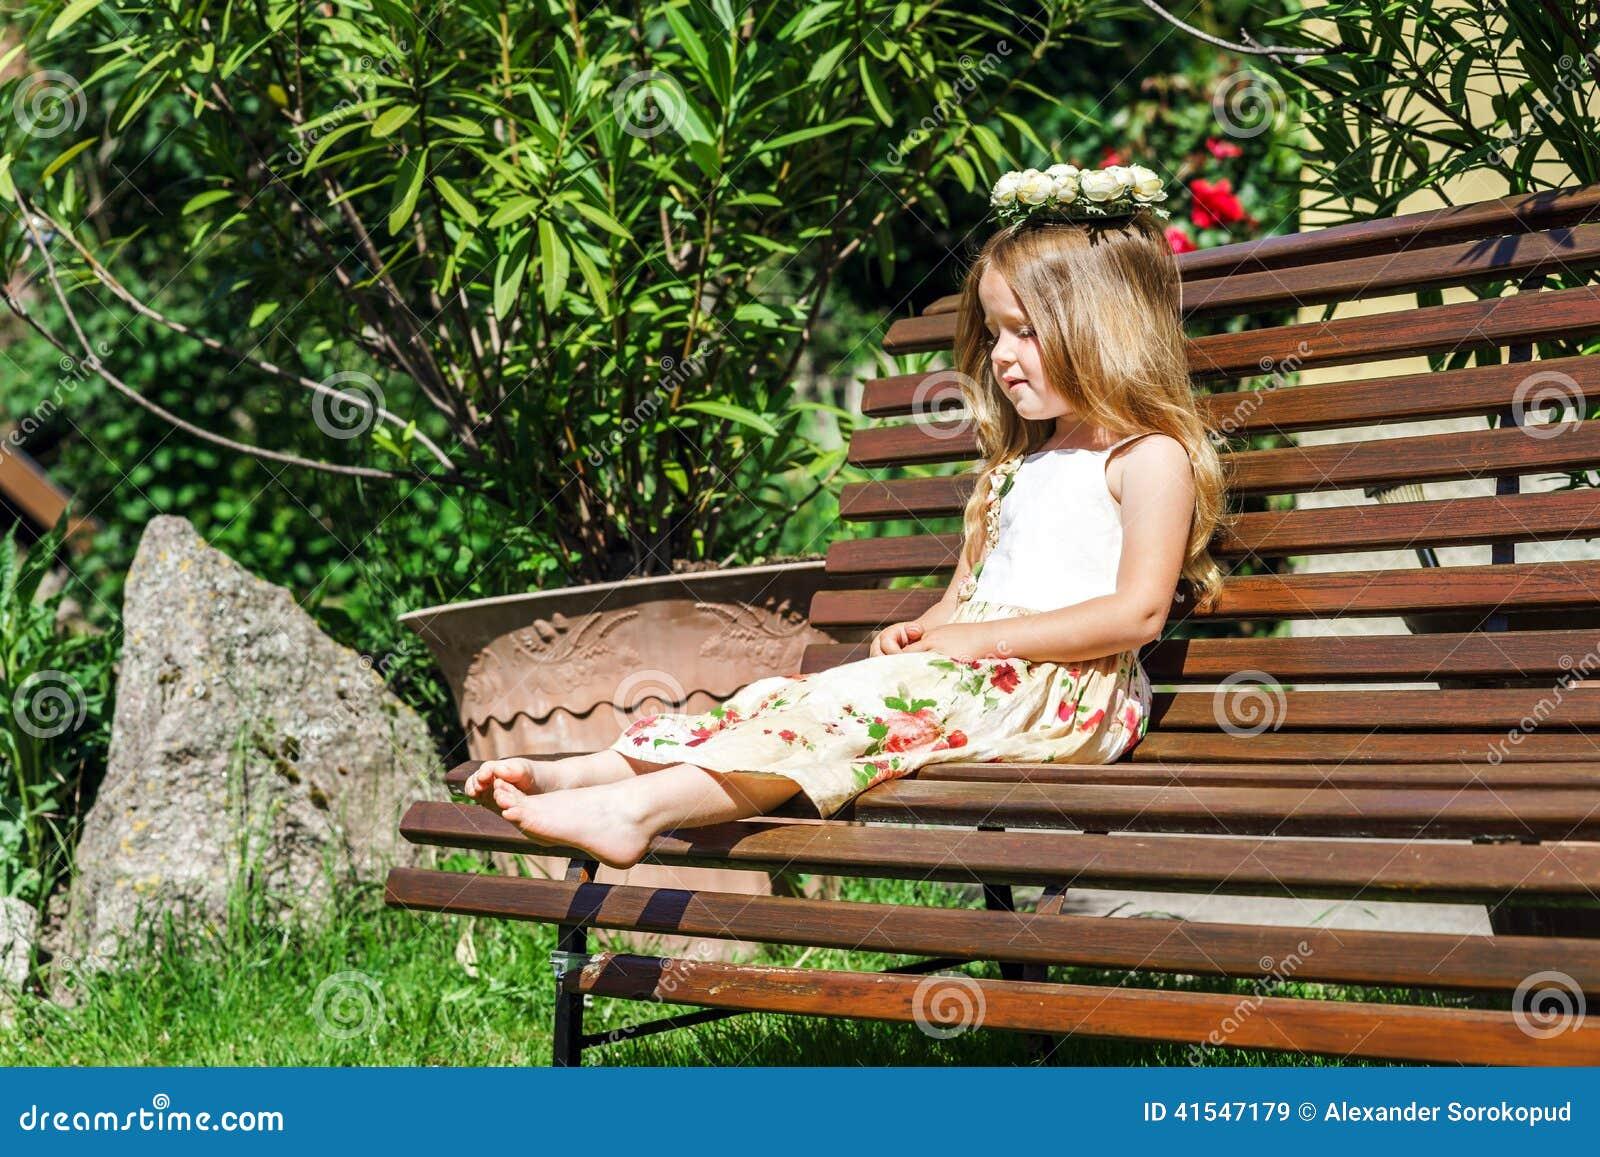 Cute Barefoot Images Usseek Com